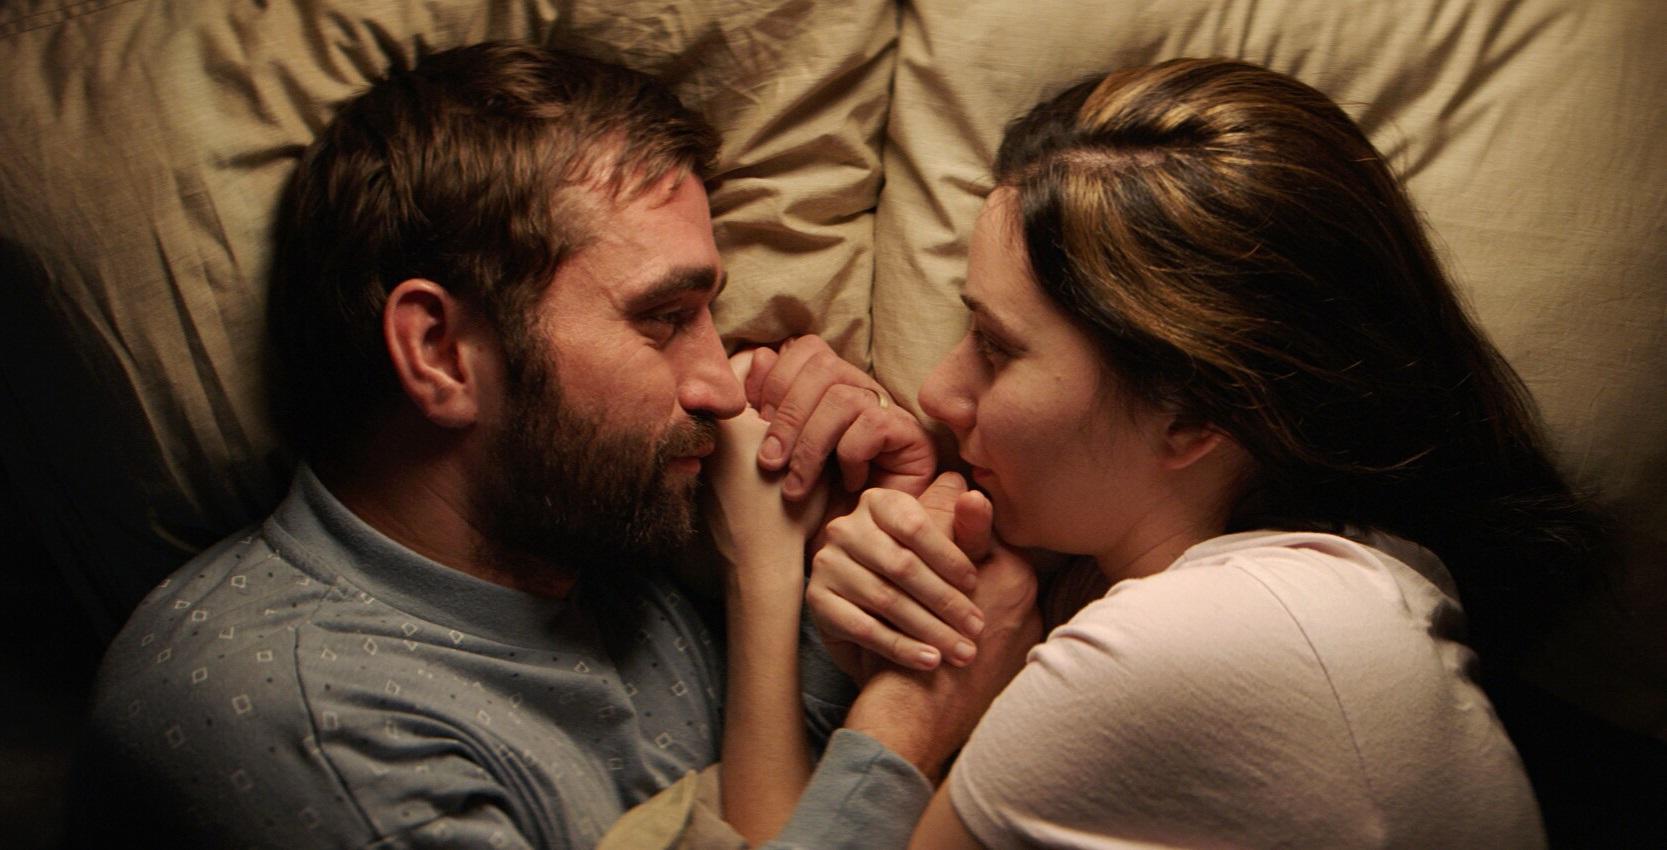 Nový slovenský film Nech je svetlo uvedie v premiére festival v Karlových Varoch